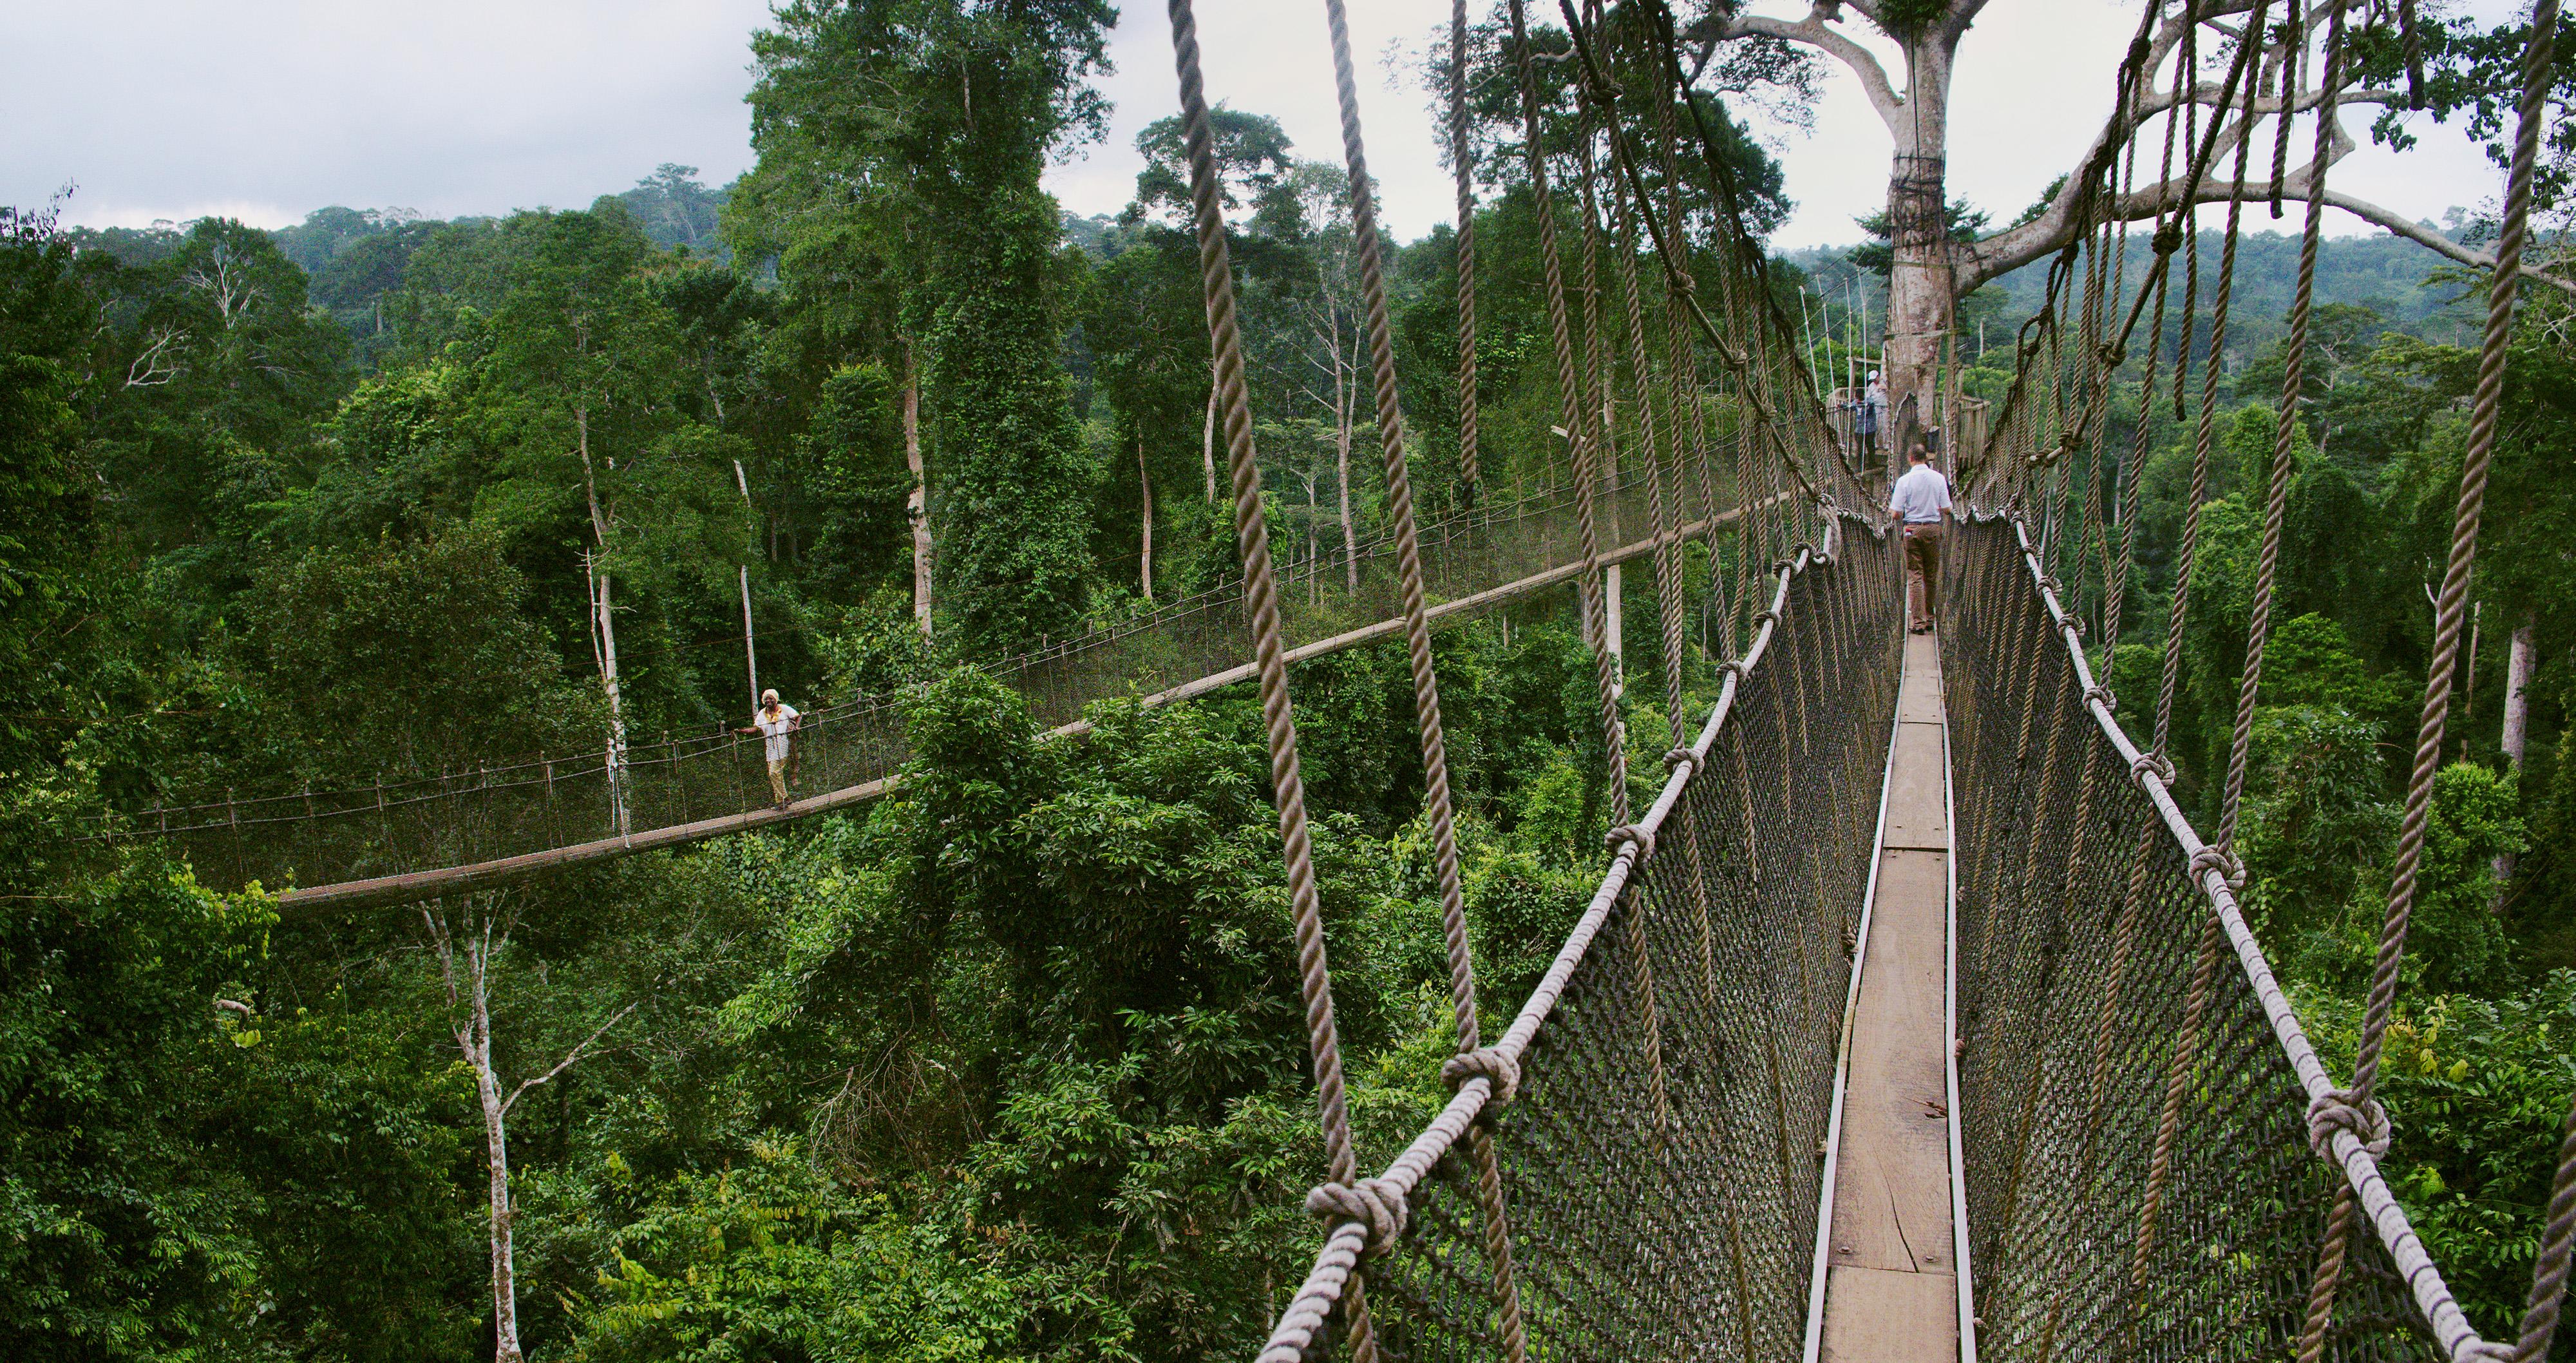 Canopy walkway, Kakum National Park, Ghana © Nancy Chuang, @nancyc_huang